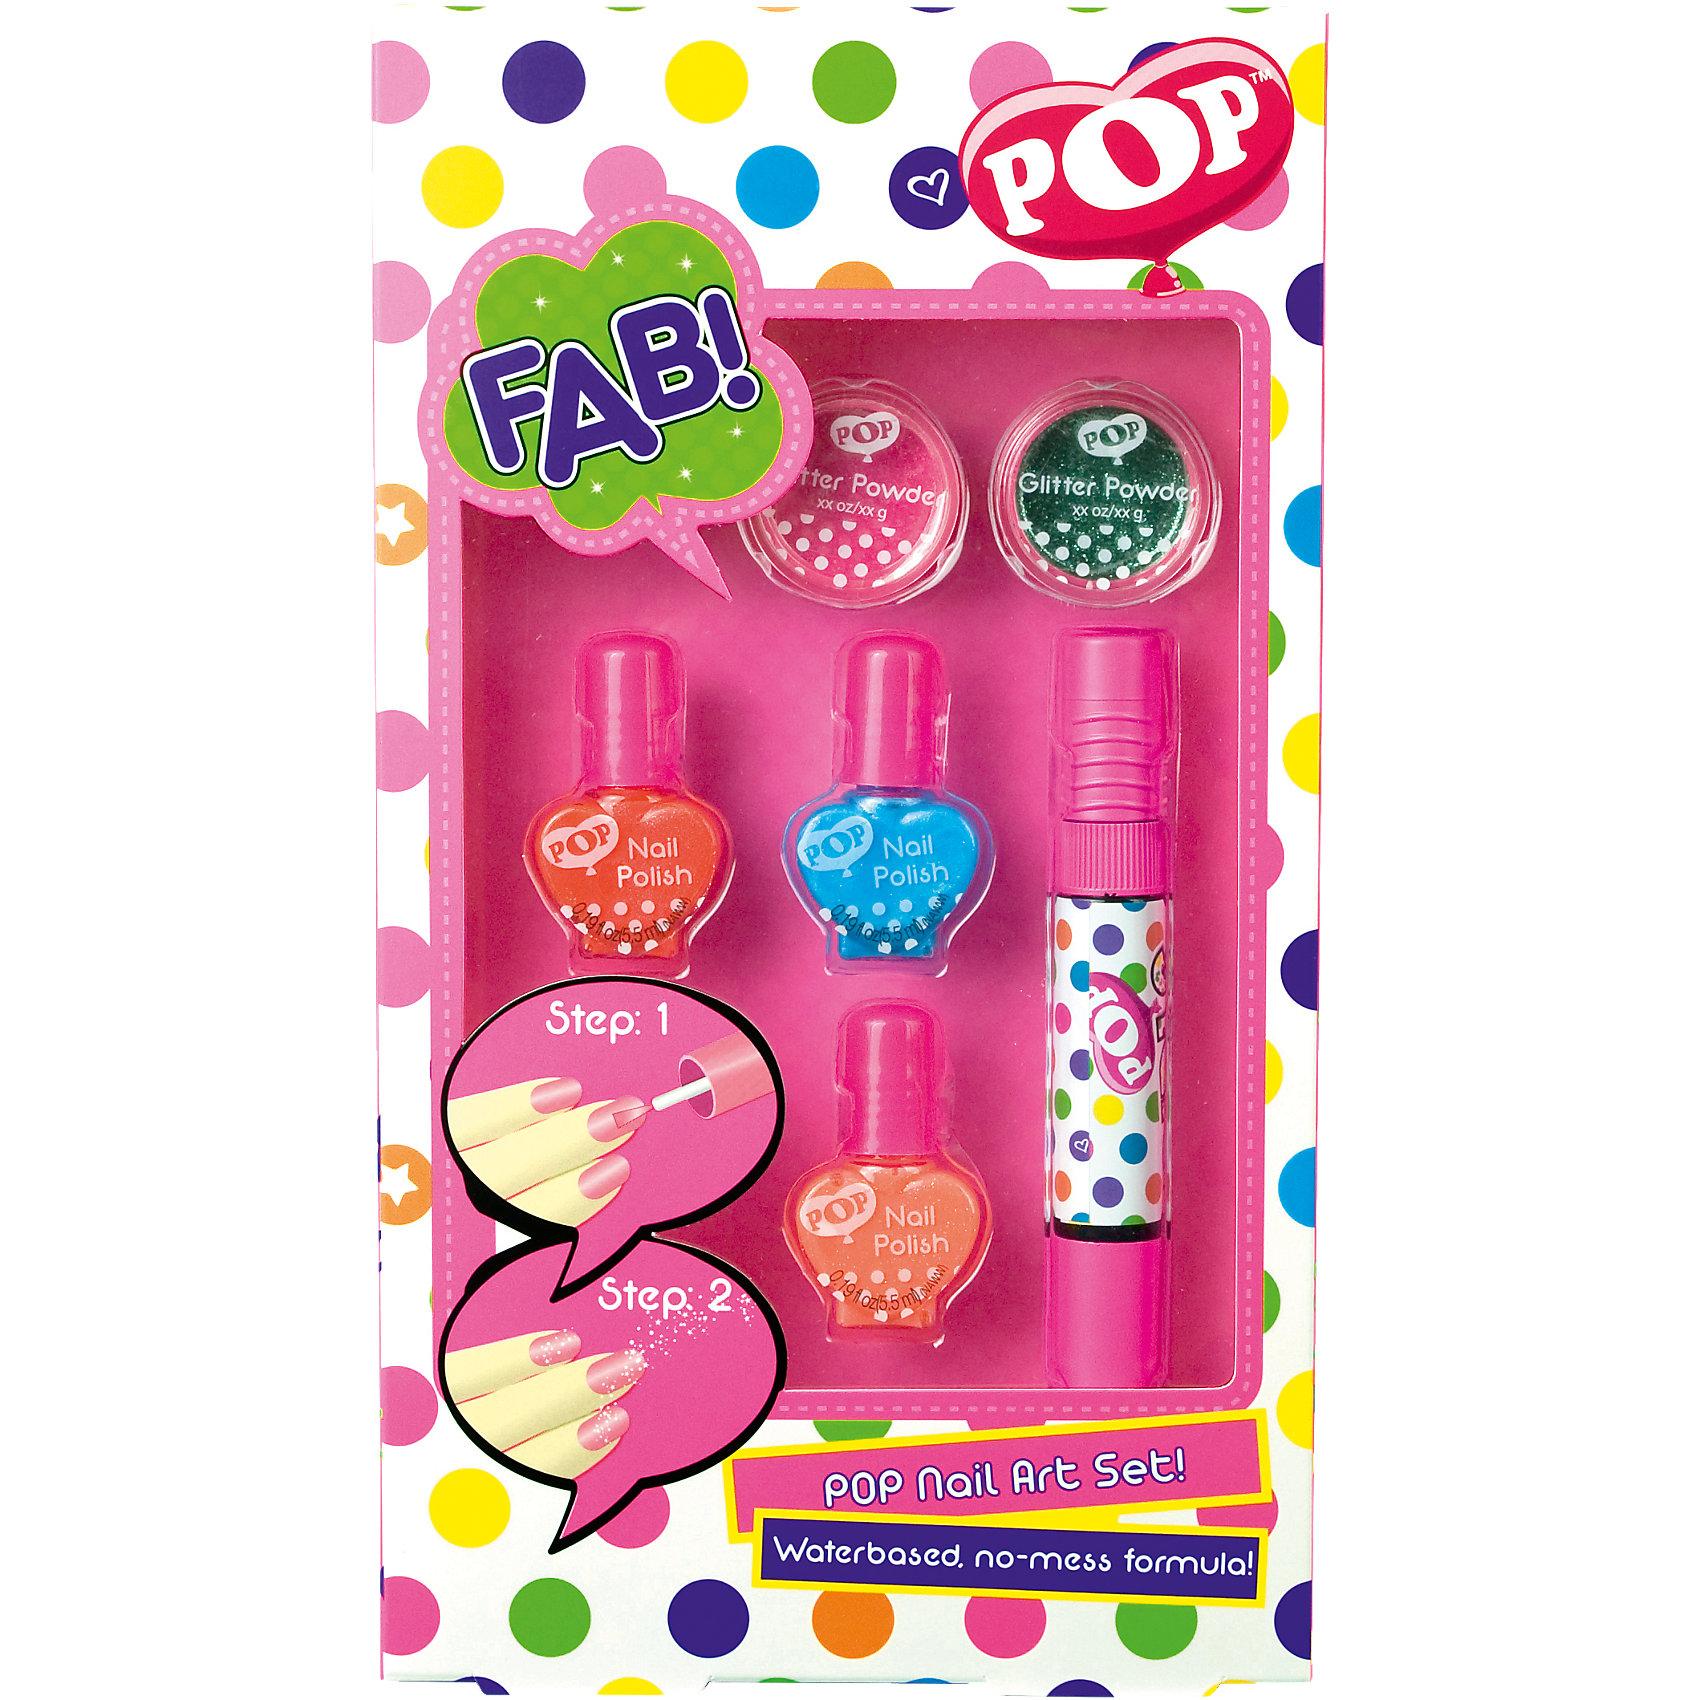 Игровой набор детской декоративной косметики POP для ногтейКосметика, грим и парфюмерия<br>Характеристики:<br><br>• Наименование: детская декоративная косметика<br>• Предназначение: для сюжетно-ролевых игр<br>• Пол: для девочки<br>• Материал: натуральные косметические компоненты, пластик, картон<br>• Цвет: розовый, бирюзовый, оранжевый и др.<br>• Комплектация: 3 оттенка лака для ногтей, 2 баночки блеска для ногтей, лак с кистью для нанесения рисунка<br>• Размеры (Д*Ш*В): 26*15*3,5 см<br>• Вес: 115 г <br>• Упаковка: картонная коробка с блистером<br><br>Игровой набор детской декоративной косметики POP для ногтей – это набор игровой детской косметики от Markwins, которая вот уже несколько десятилетий специализируется на выпуске детской косметики. Рецептура декоративной детской косметики разработана совместно с косметологами и медиками, в основе рецептуры – водная основа, а потому она гипоаллергенны, не вызывает раздражений на детской коже и легко смывается, не оставляя следа. Безопасность продукции подтверждена международными сертификатами качества и безопасности. <br>Игровой набор детской декоративной косметики POP состоит из 3-х оттенков лака для ногтей, лака с кисточкой для росписи ногтей и блеска. Косметические средства, входящие в состав набора, имеют длительный срок хранения – 12 месяцев. Игровой набор детской декоративной косметики POP от Markwins может стать незаменимым праздничным подарком для любой маленькой модницы!<br><br>Игровой набор детской декоративной косметики POP для ногтей можно купить в нашем интернет-магазине.<br><br>Ширина мм: 140<br>Глубина мм: 28<br>Высота мм: 252<br>Вес г: 127<br>Возраст от месяцев: 48<br>Возраст до месяцев: 108<br>Пол: Женский<br>Возраст: Детский<br>SKU: 4540662